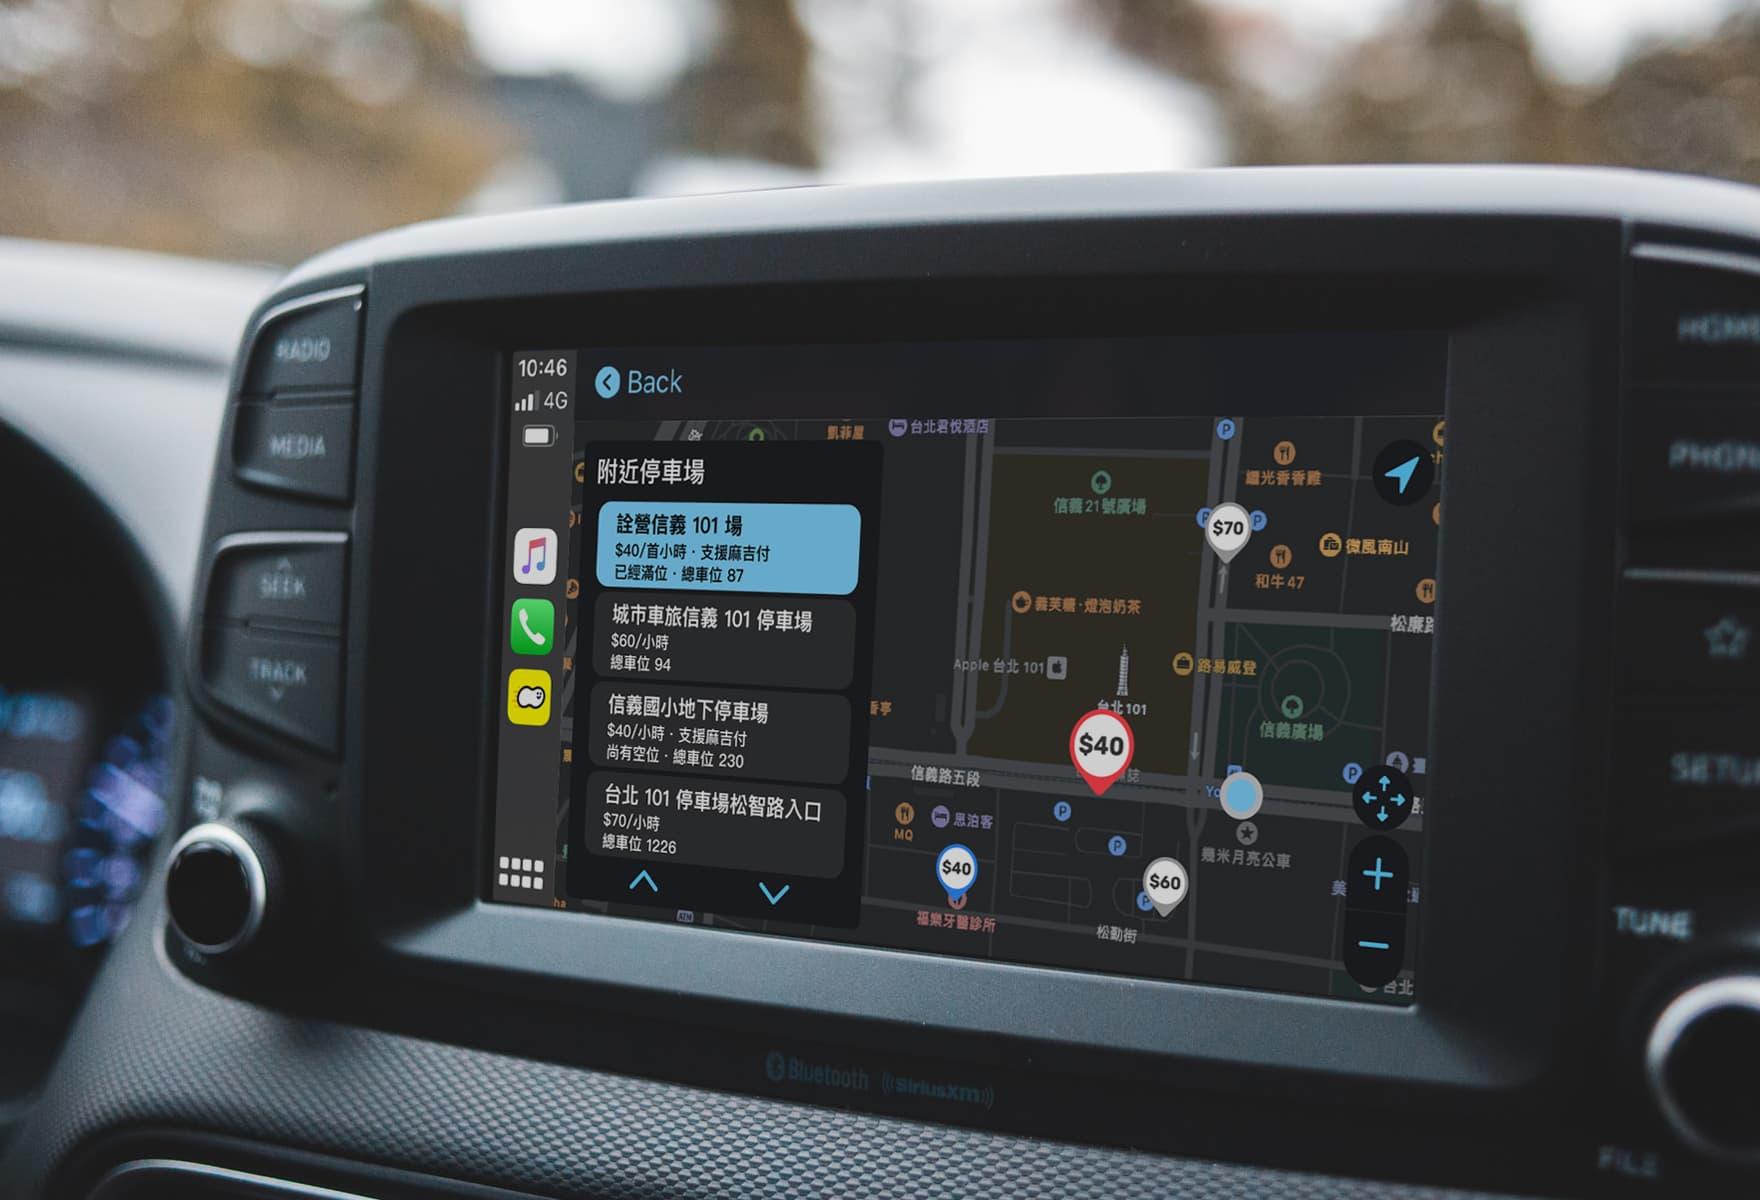 車麻吉正式支援CarPlay 找停車位和加油站更便利1